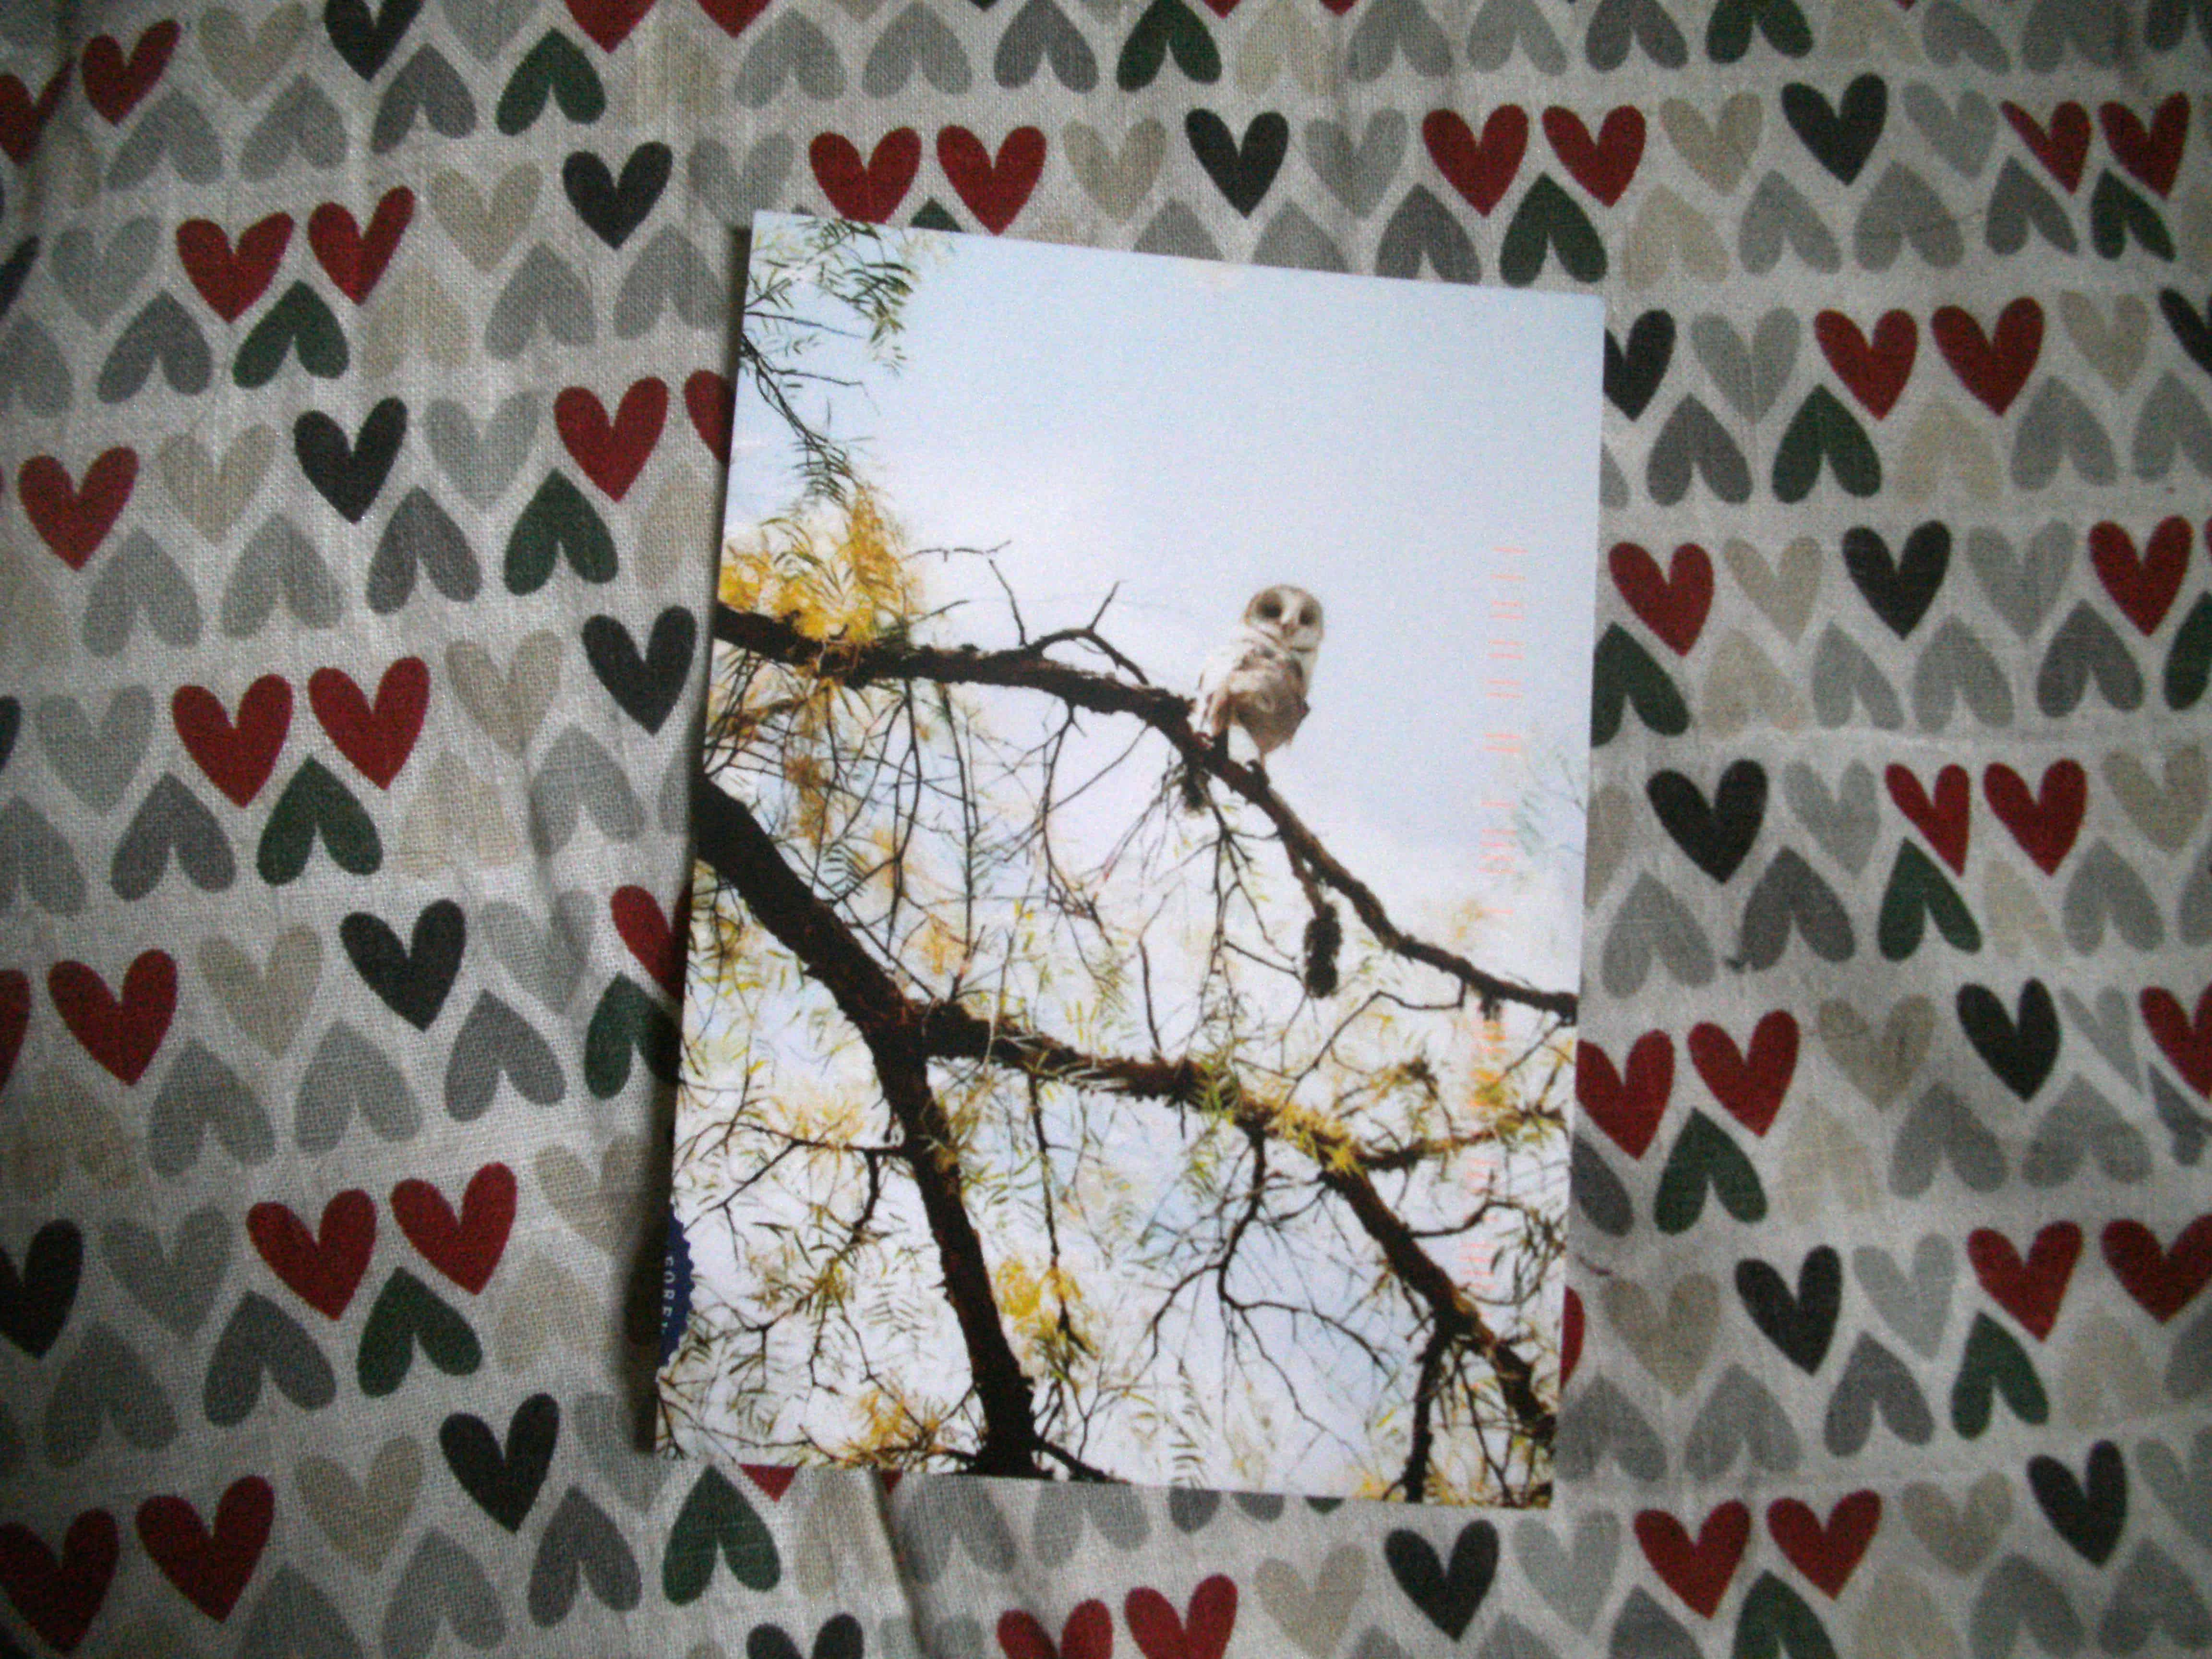 Owl photo by Janice Darby, USA